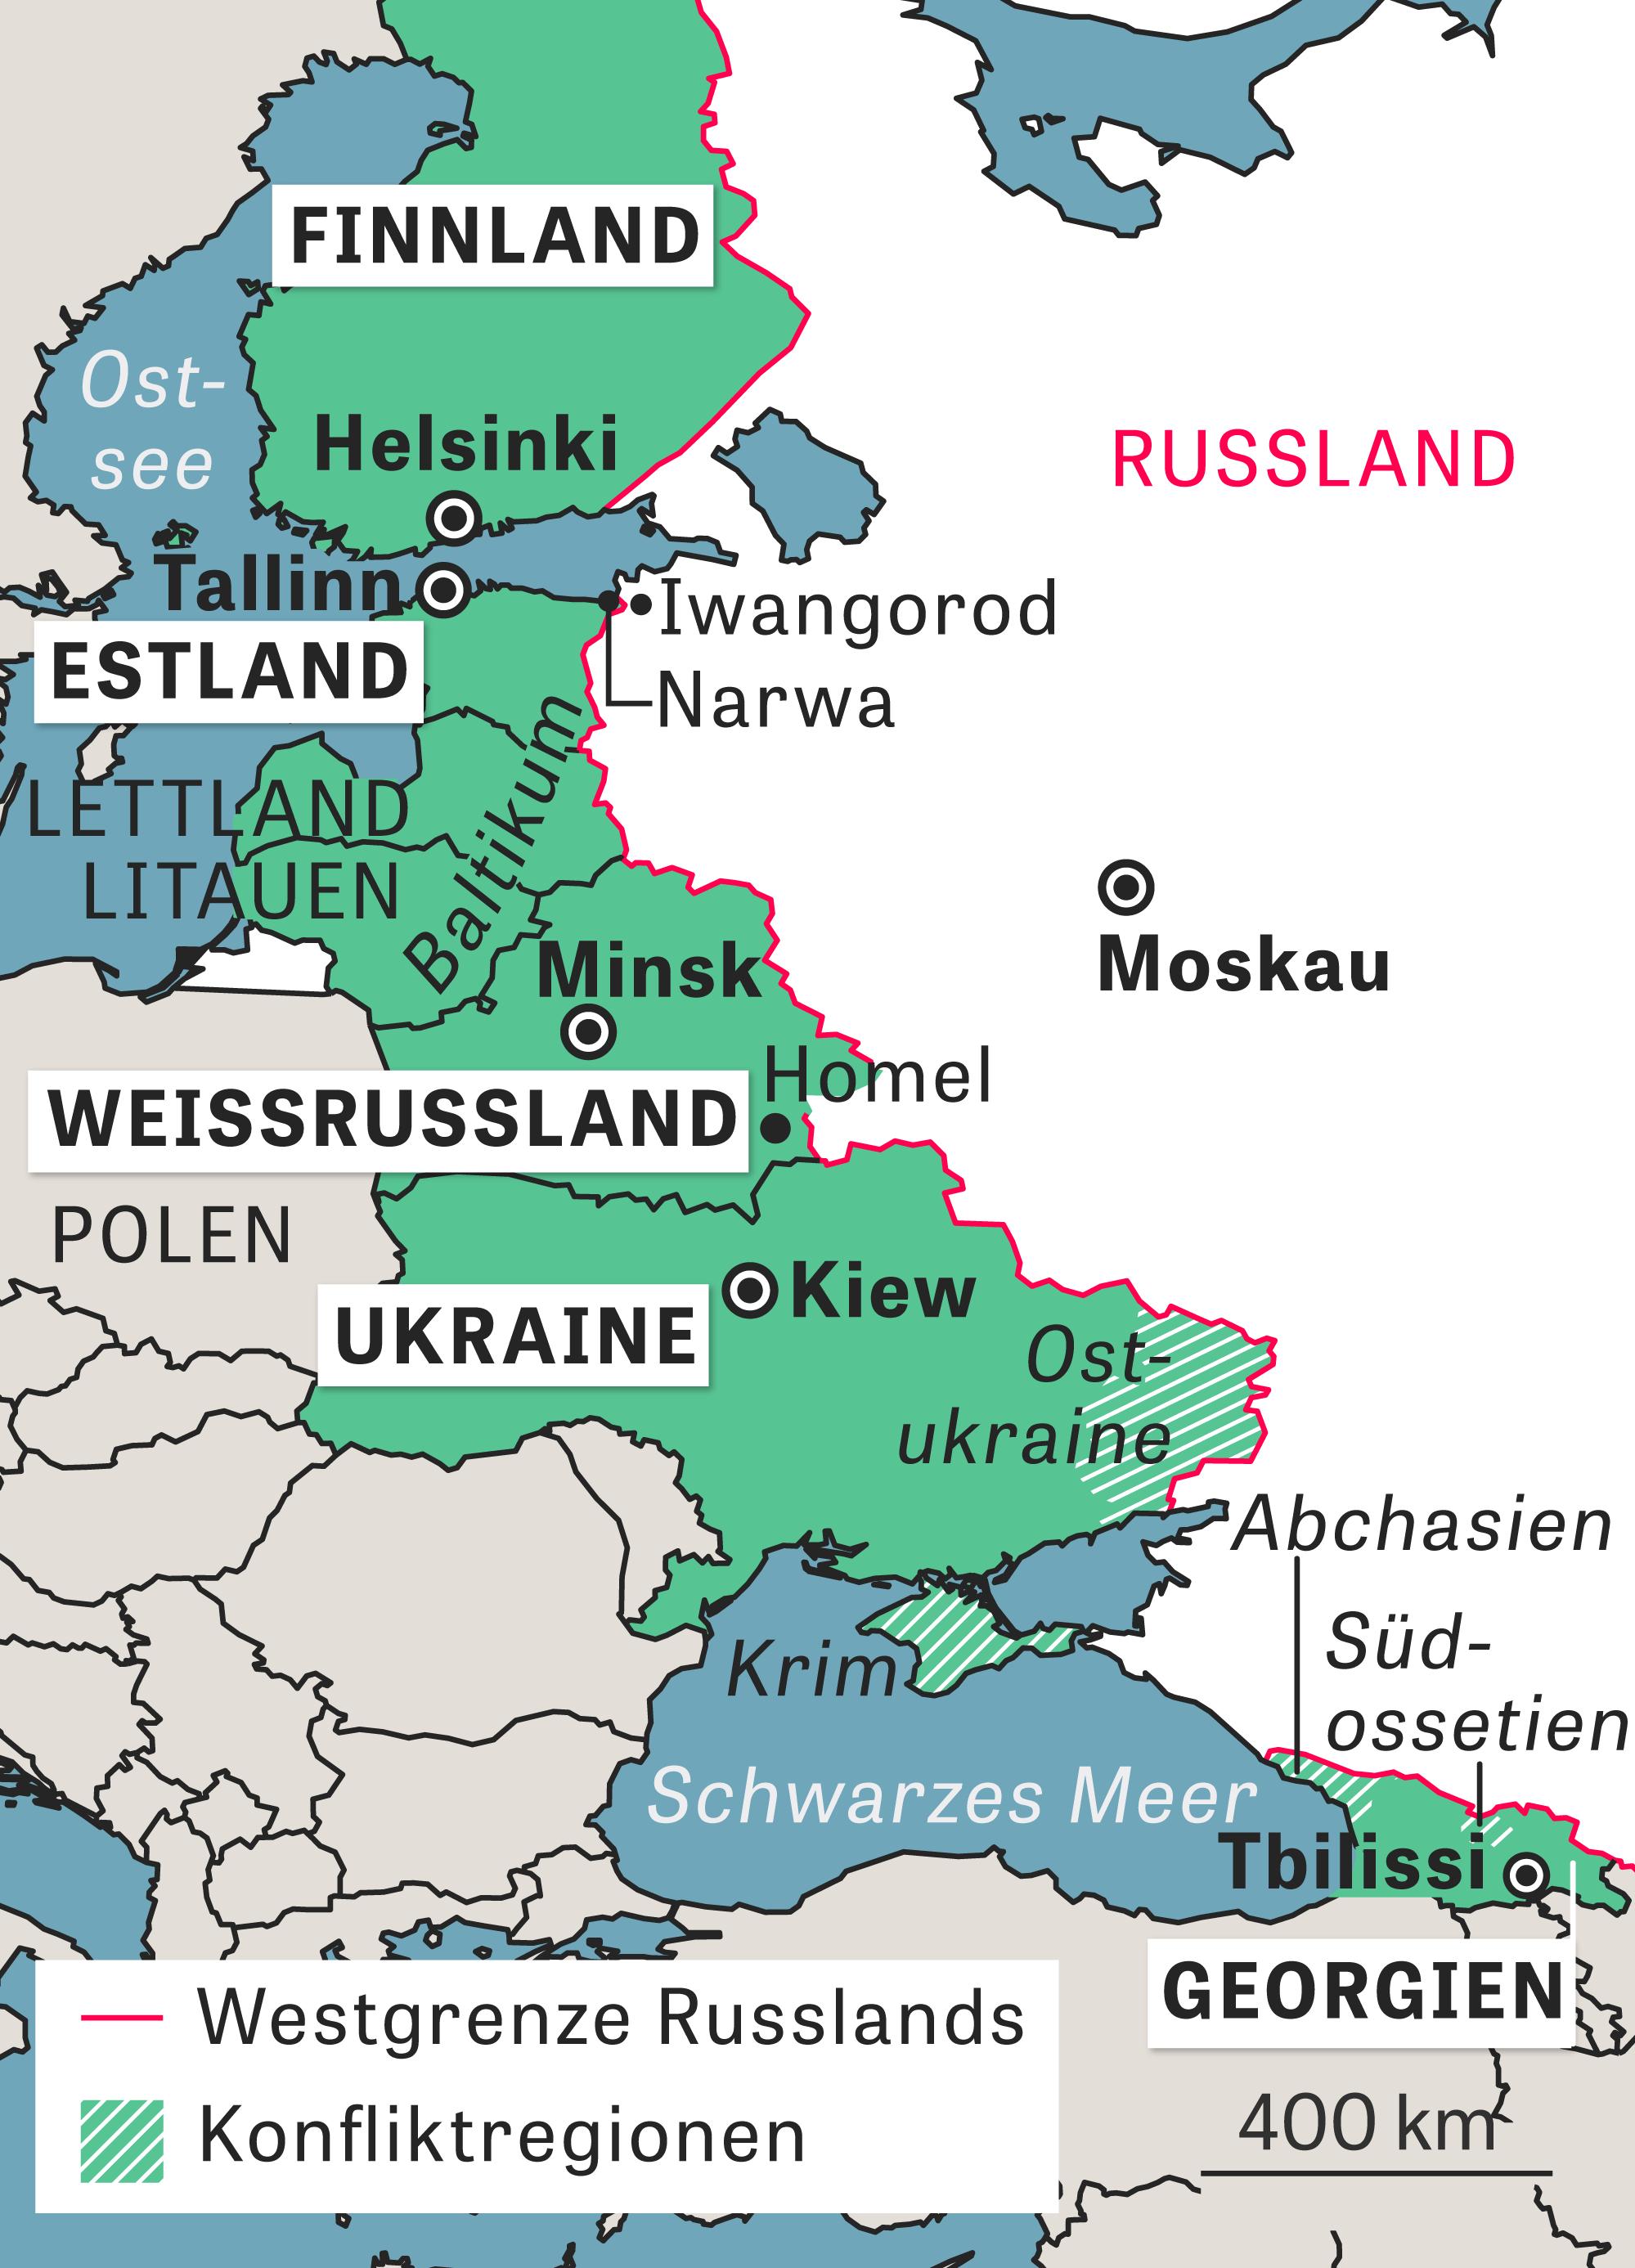 Karte Iran Nachbarlander.Russlands Nachbarlander An Den Grenzen Der Macht Zeit Online